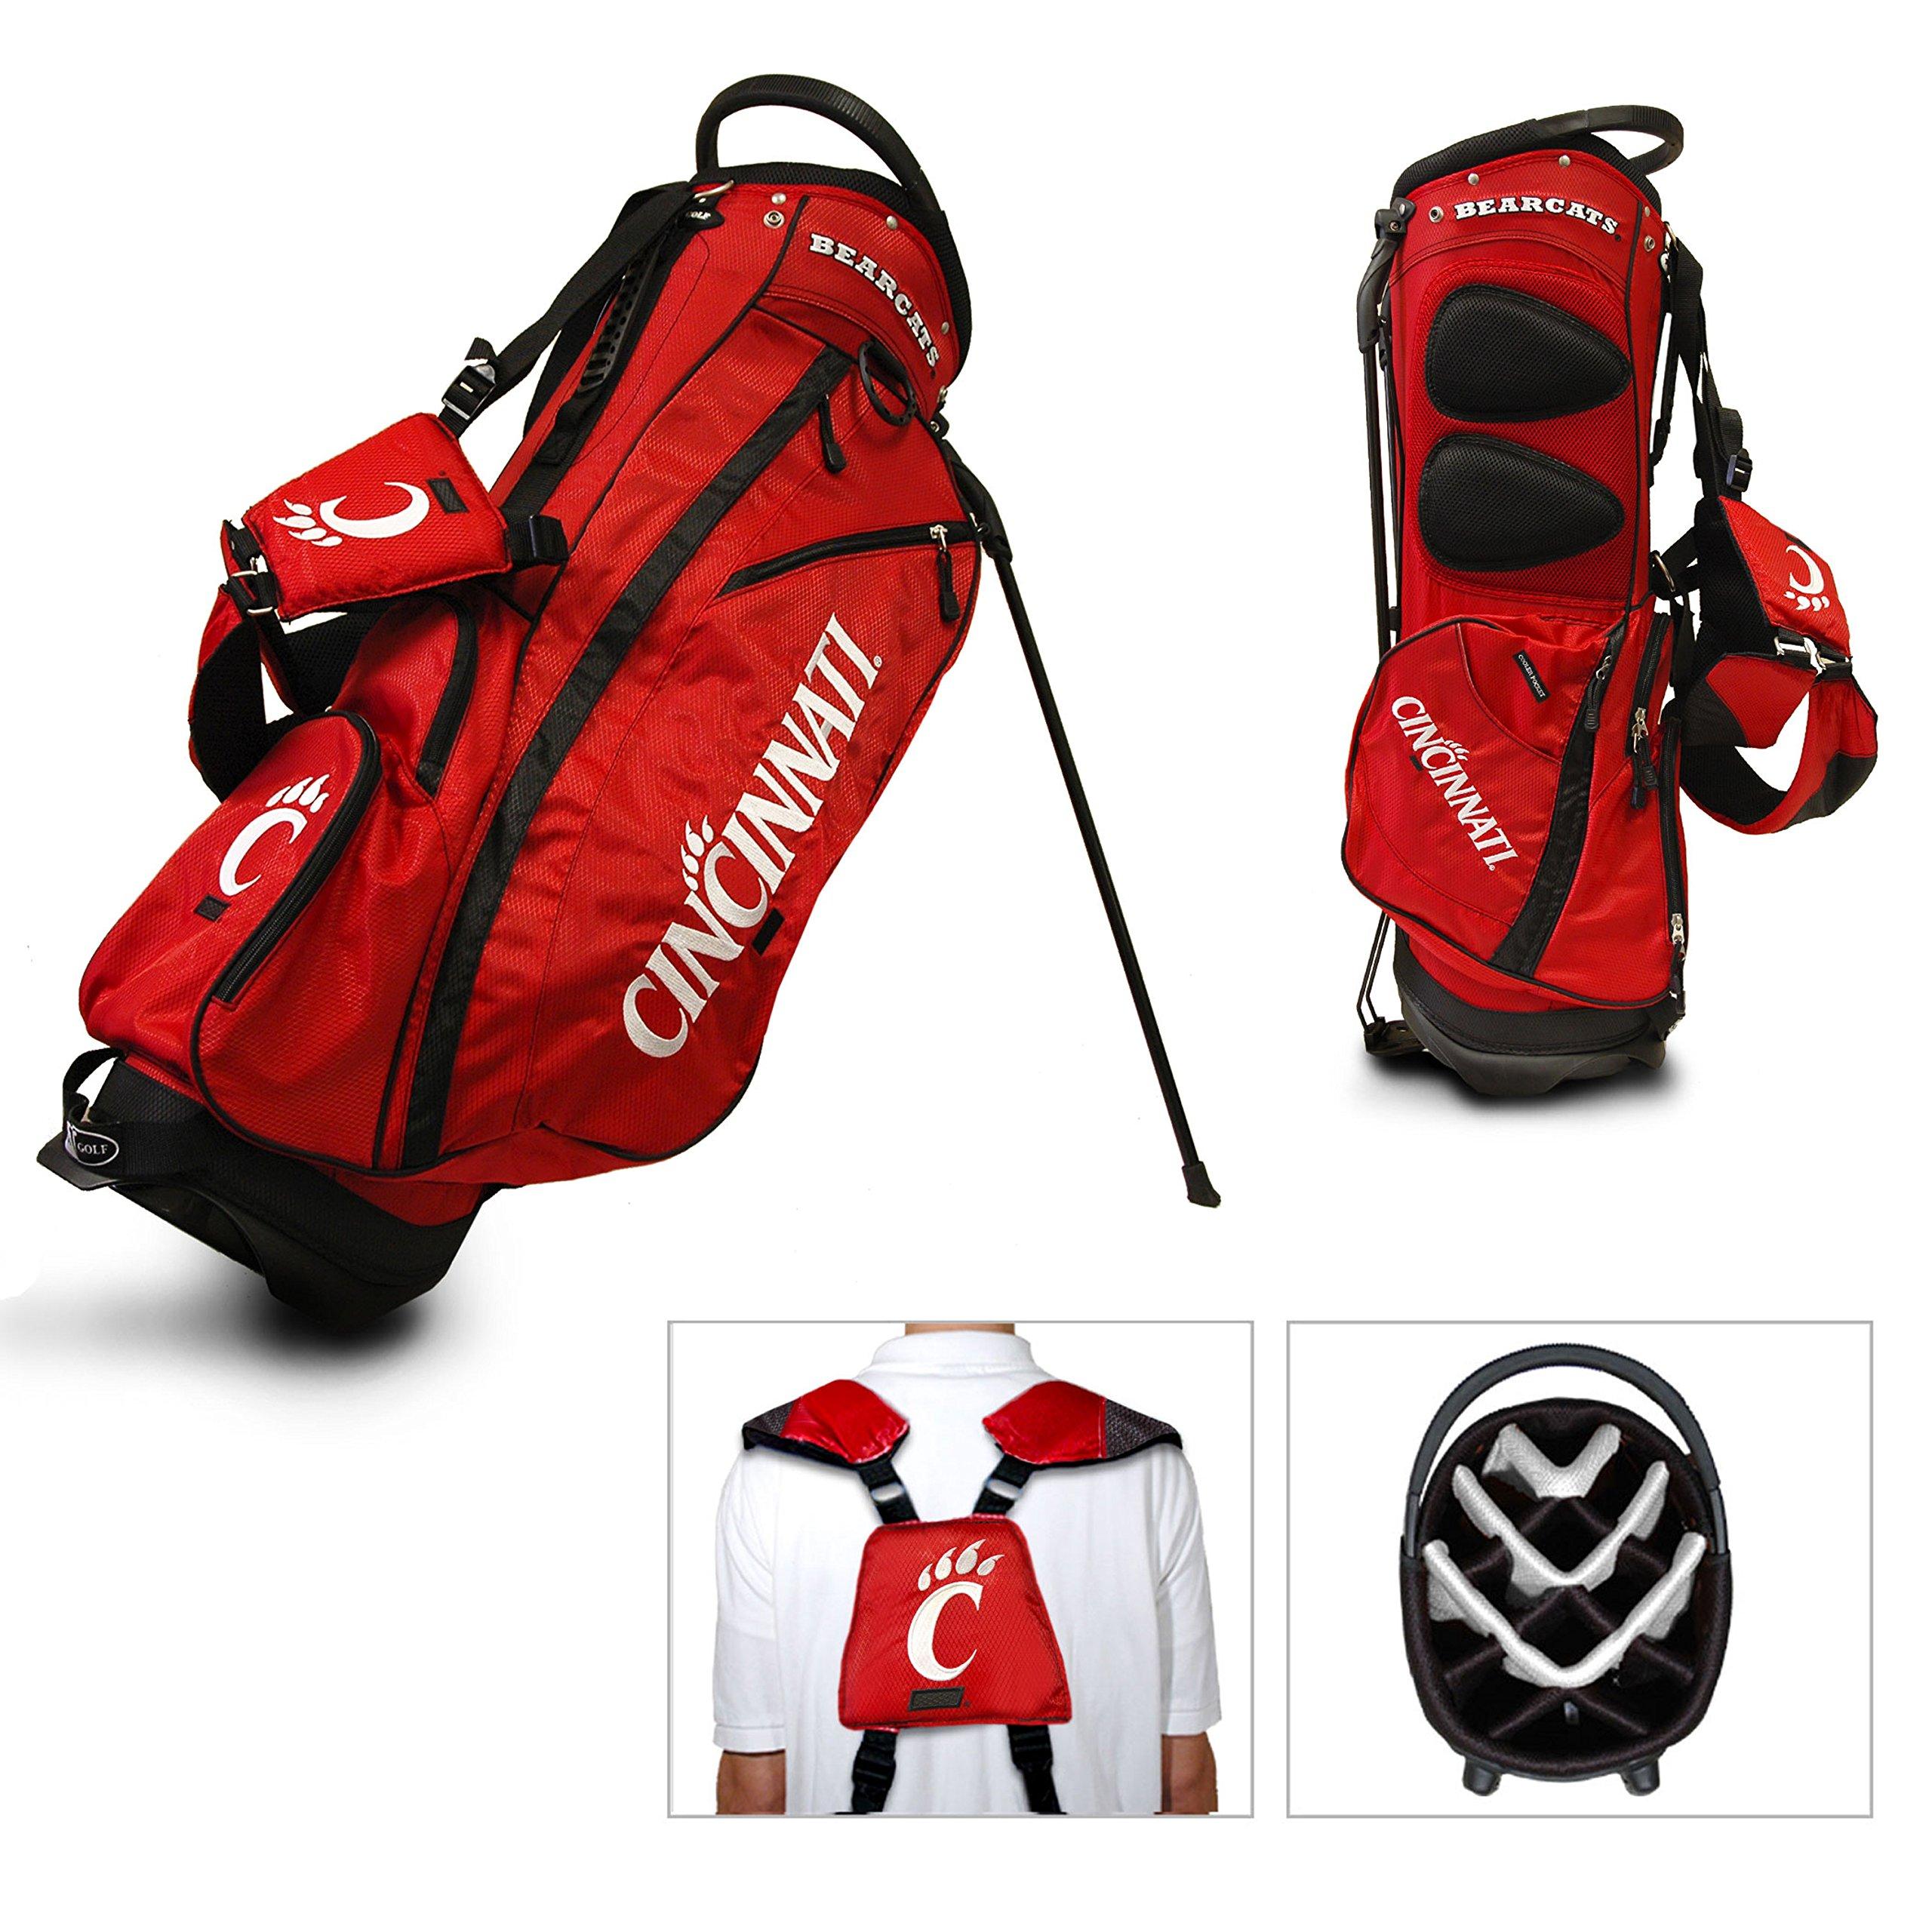 Cincinnati Bearcats Team Golf Fairway Lightweight 14-Way Top Golf Club Stand Bag